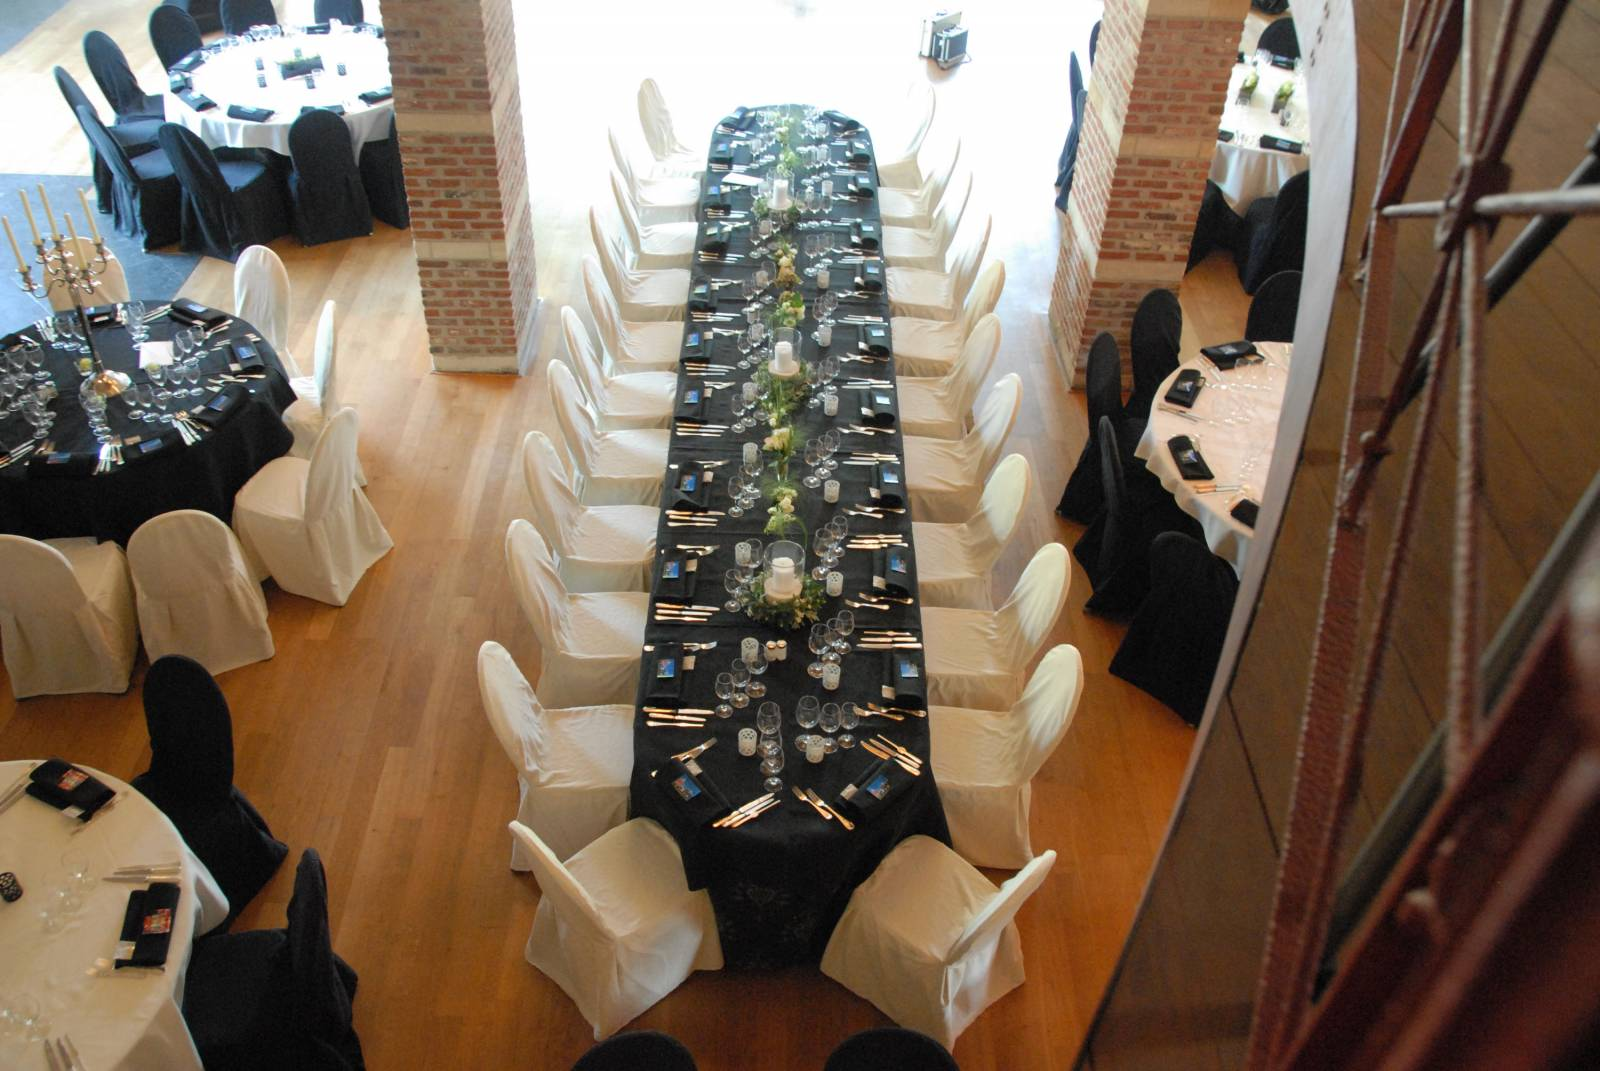 Feestzaal decoratie huwelijksfeest deco Hof Van Reyen Boechout (10) - House of Weddings